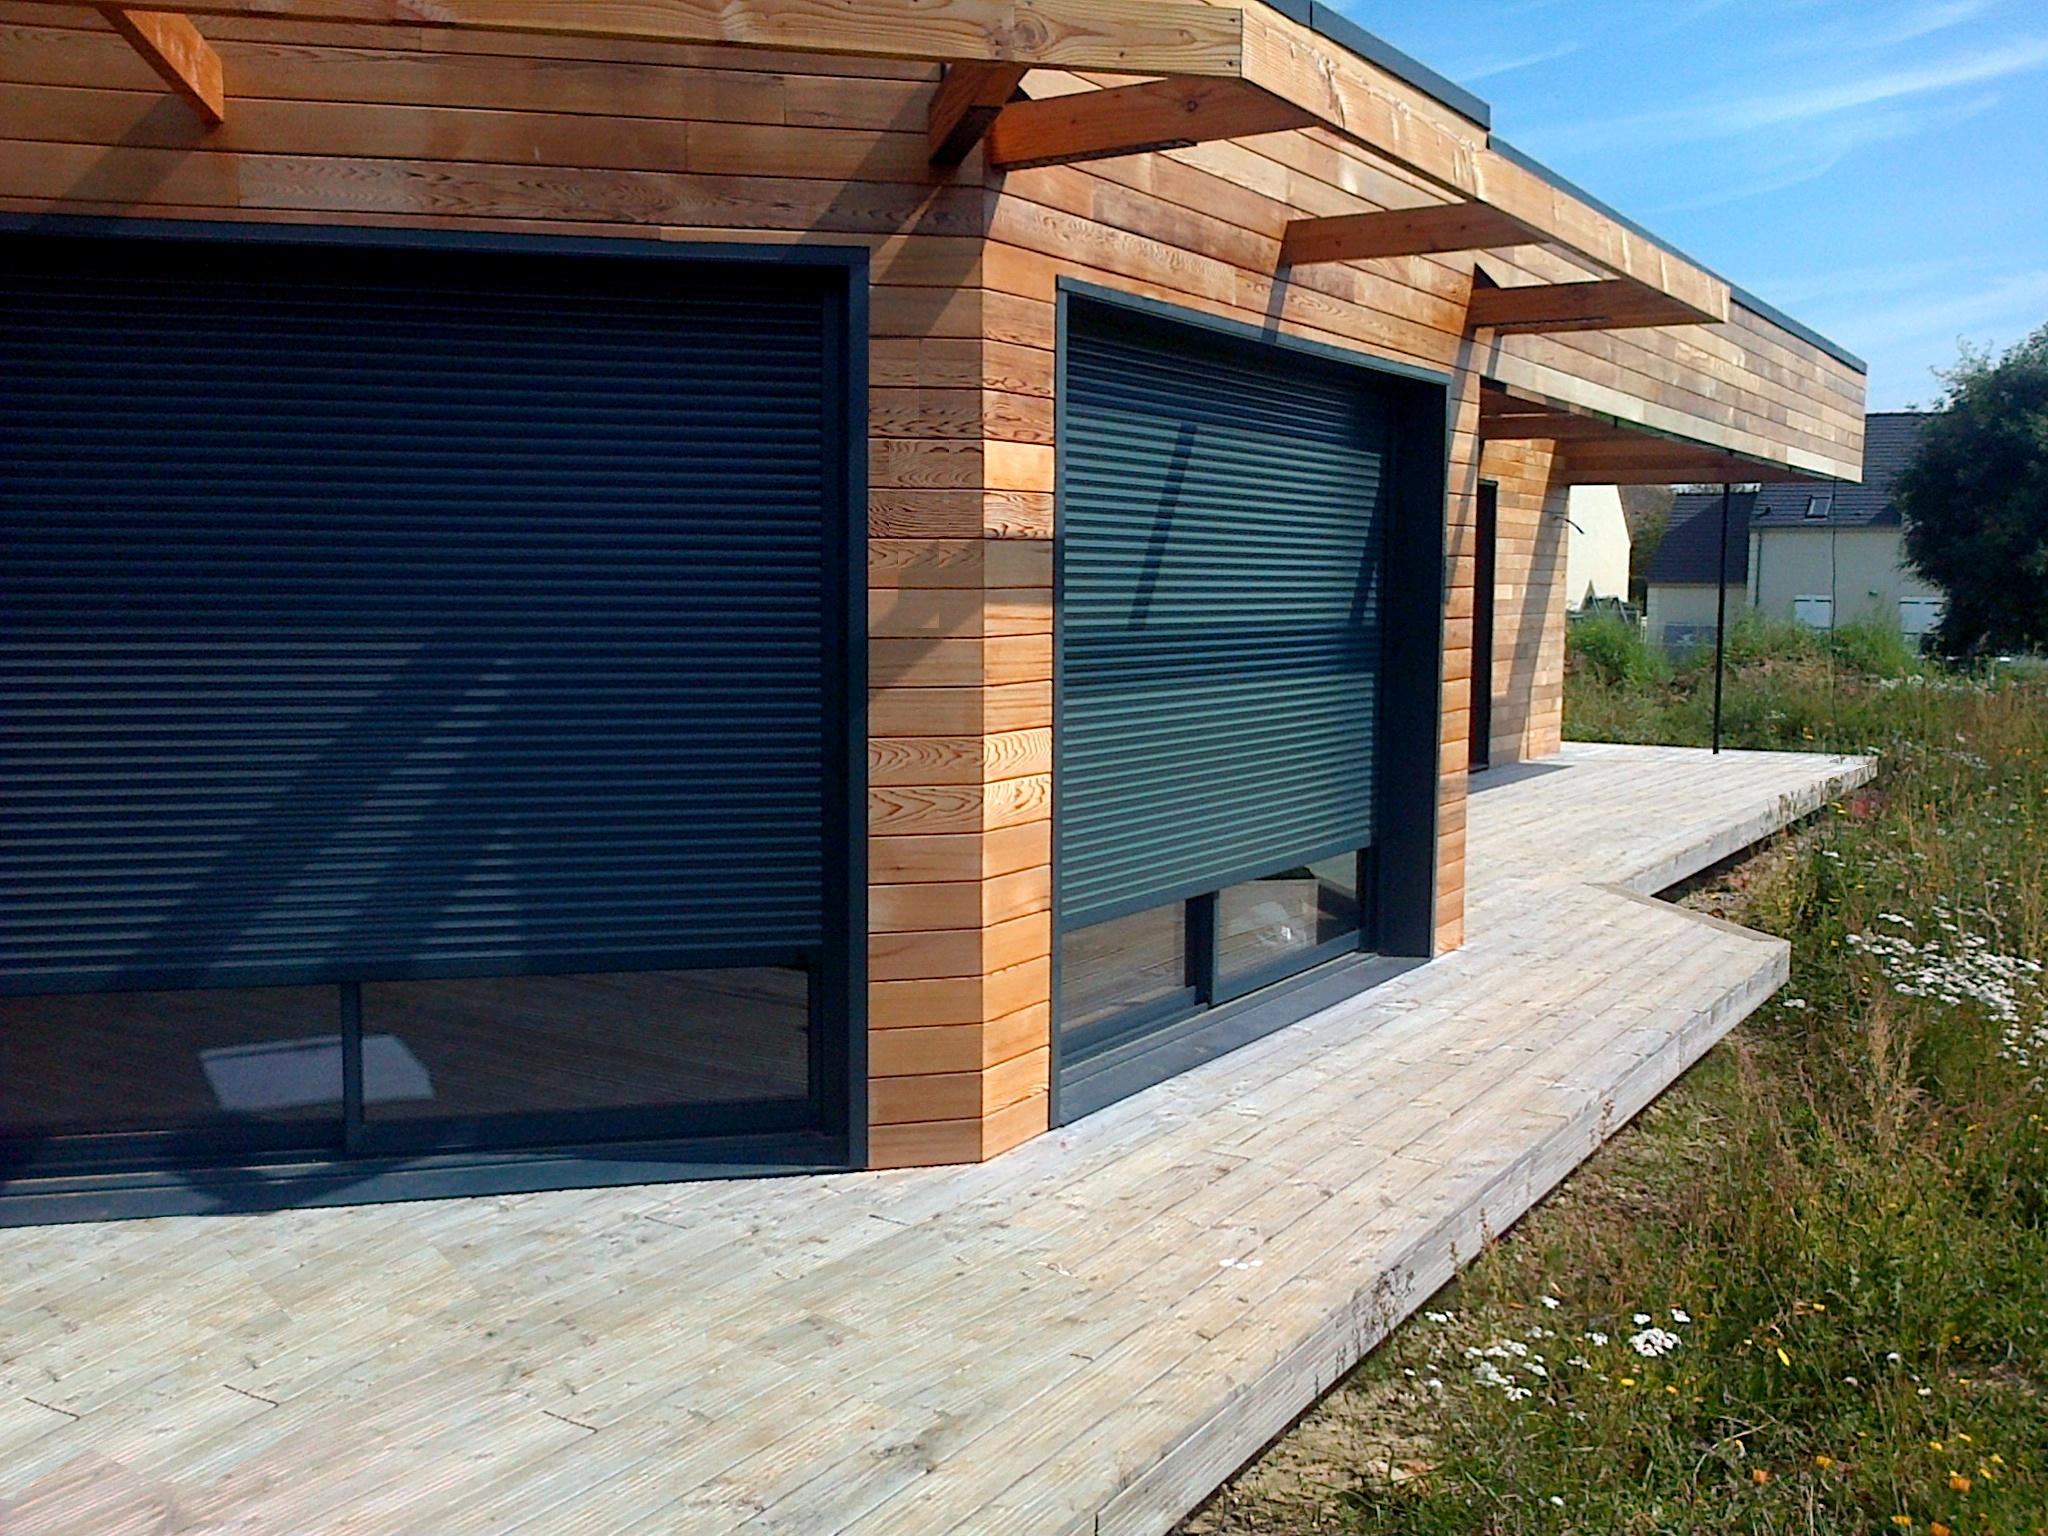 Simple naturelle architecture essonne maison ossature bois rt2012 dans l essonne for Maison bois sud ouest